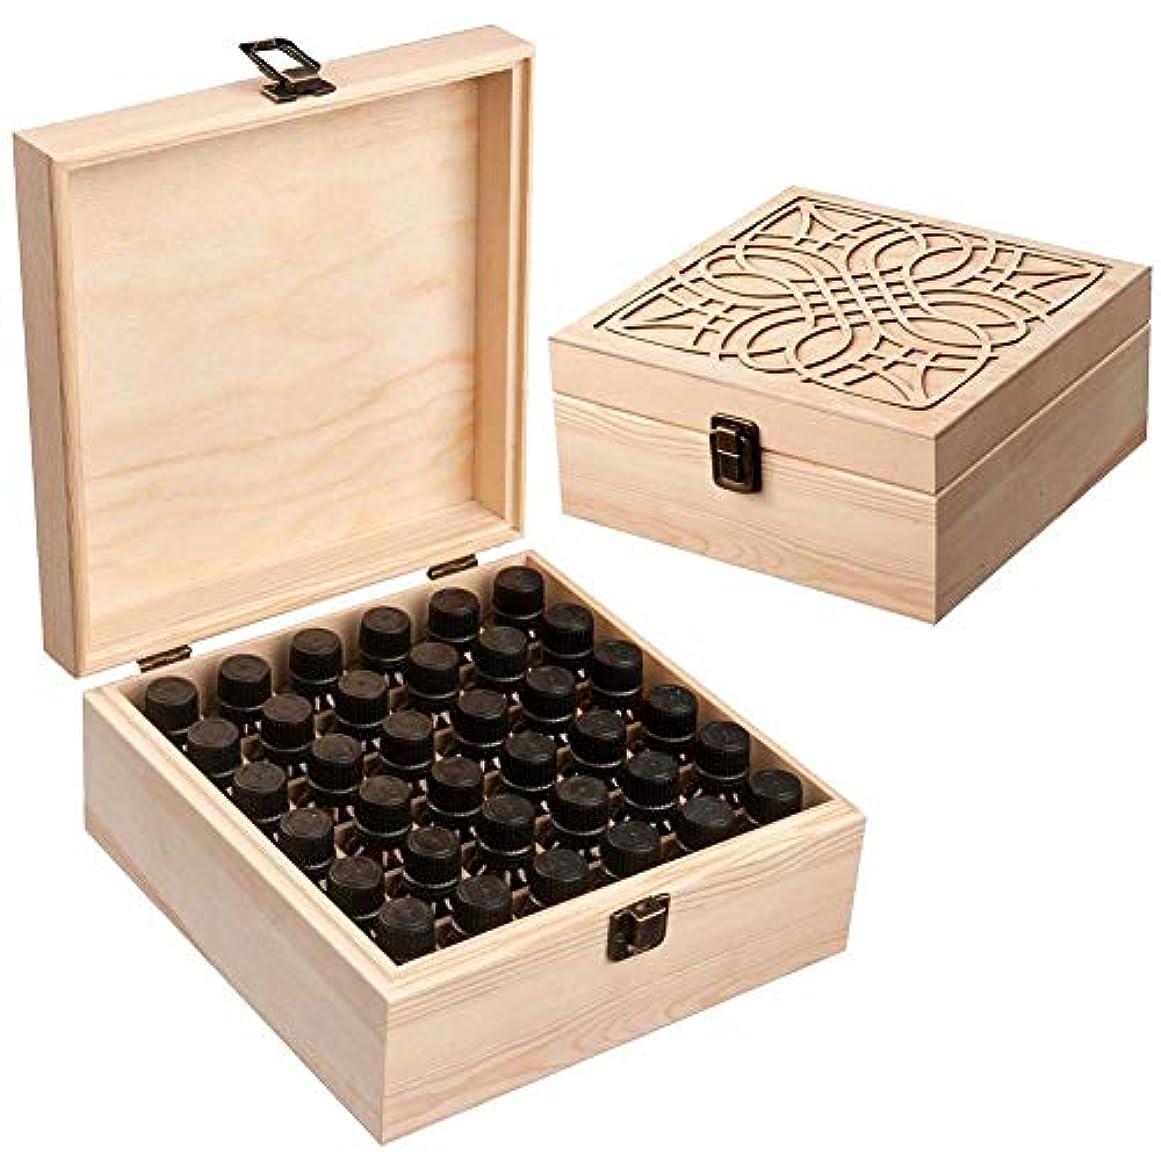 異なる出版ねばねばNewfashion エッセンシャルオイル収納ボックス 精油収納 アロマケース 木製 大容量 携帯便利 オイルボックス 飾り物 36本用